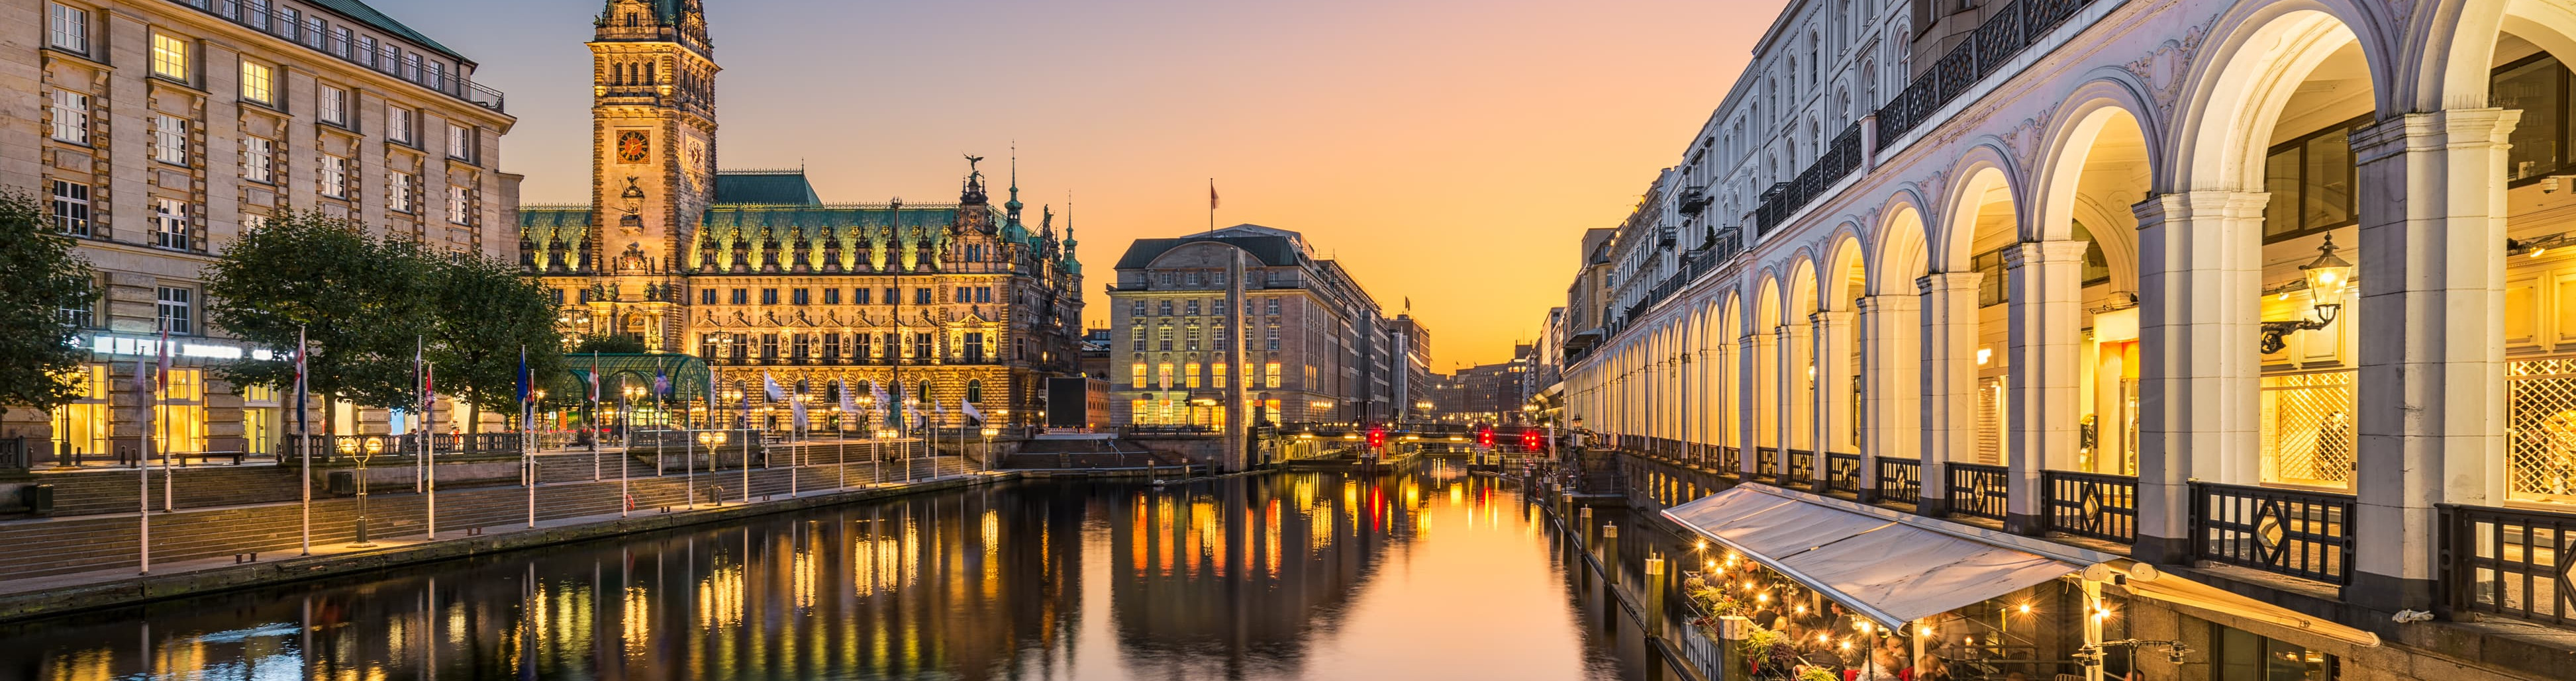 Мосты, музеи и развлечения: SkyUp начинает продажу билетов в Гамбург